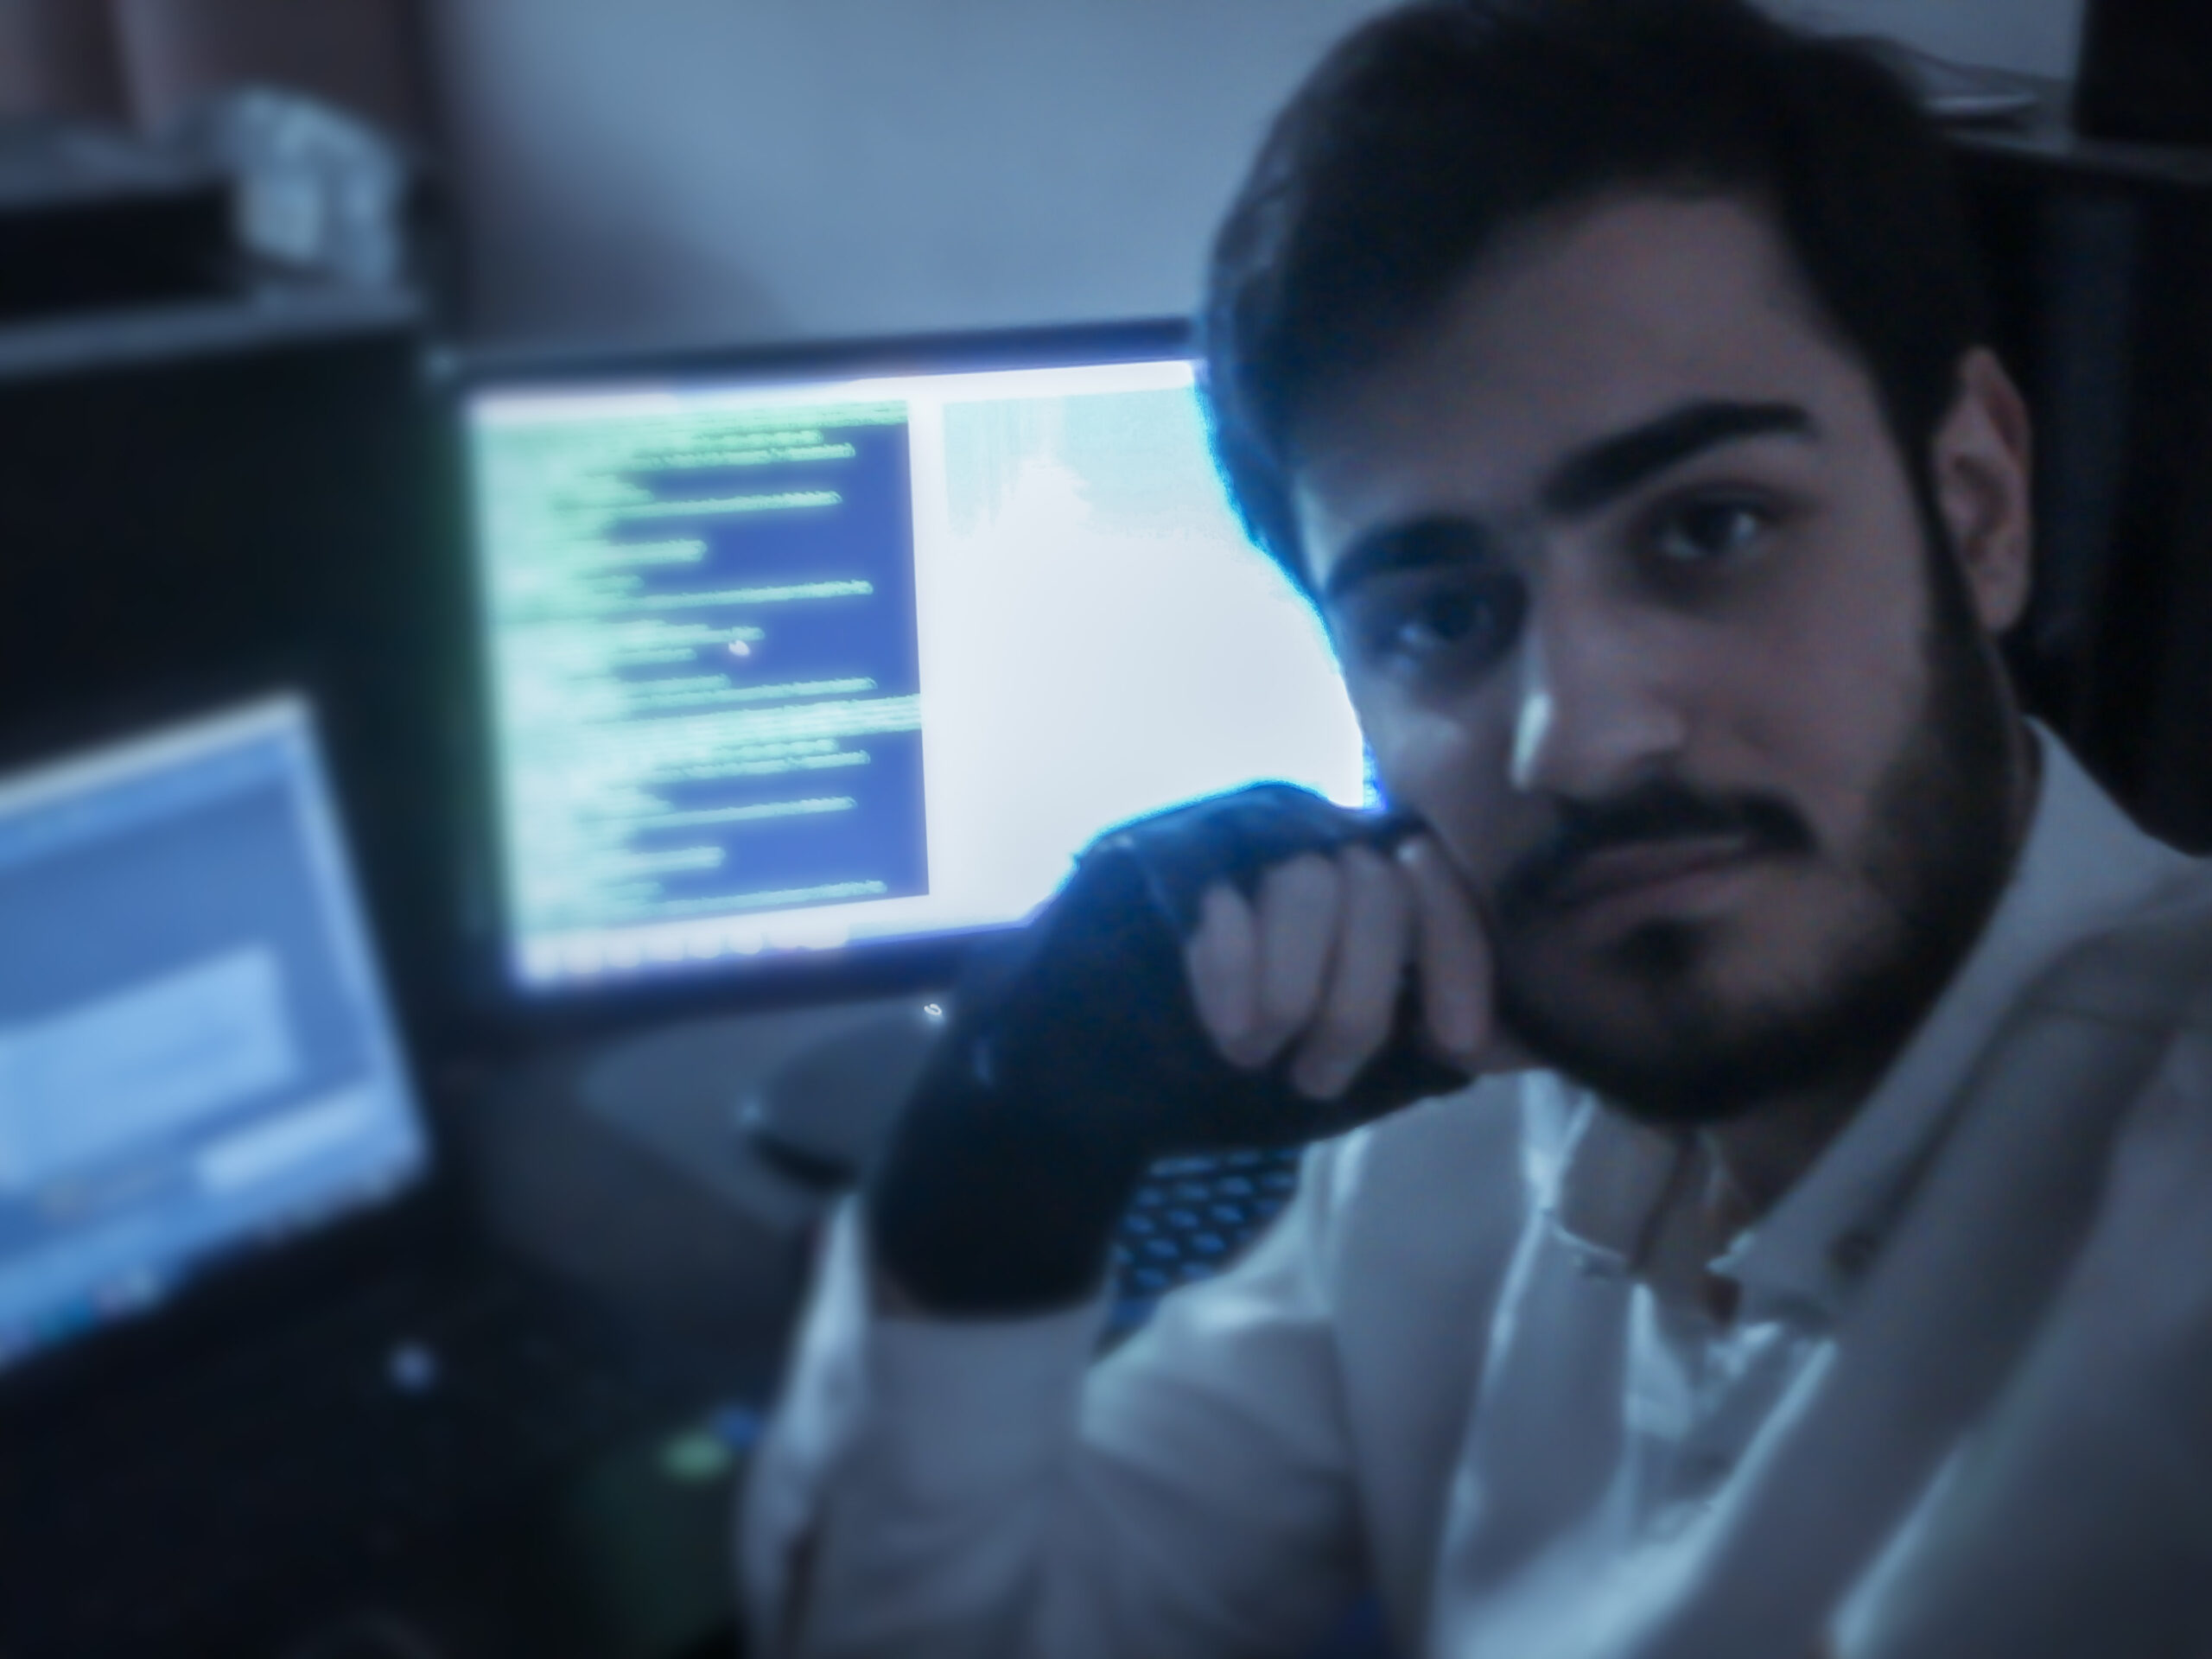 متخصص هک و امنیت | هکر | Hacker | تست نفوذ